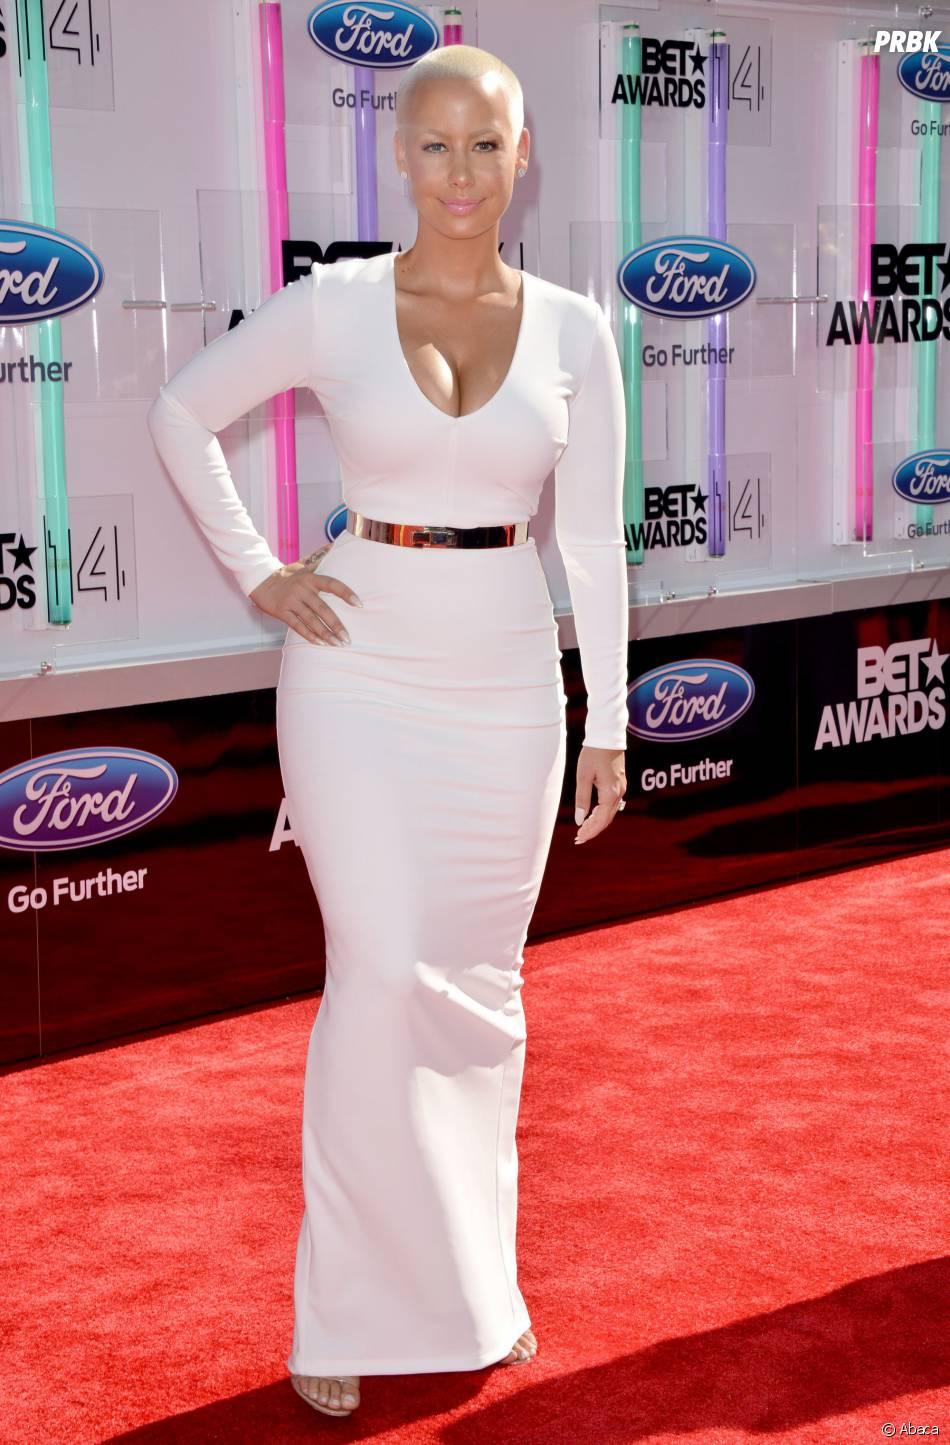 Amber Rose à la cérémonie des BET Awards 2014 à Los Angeles, le 29 juin 2014